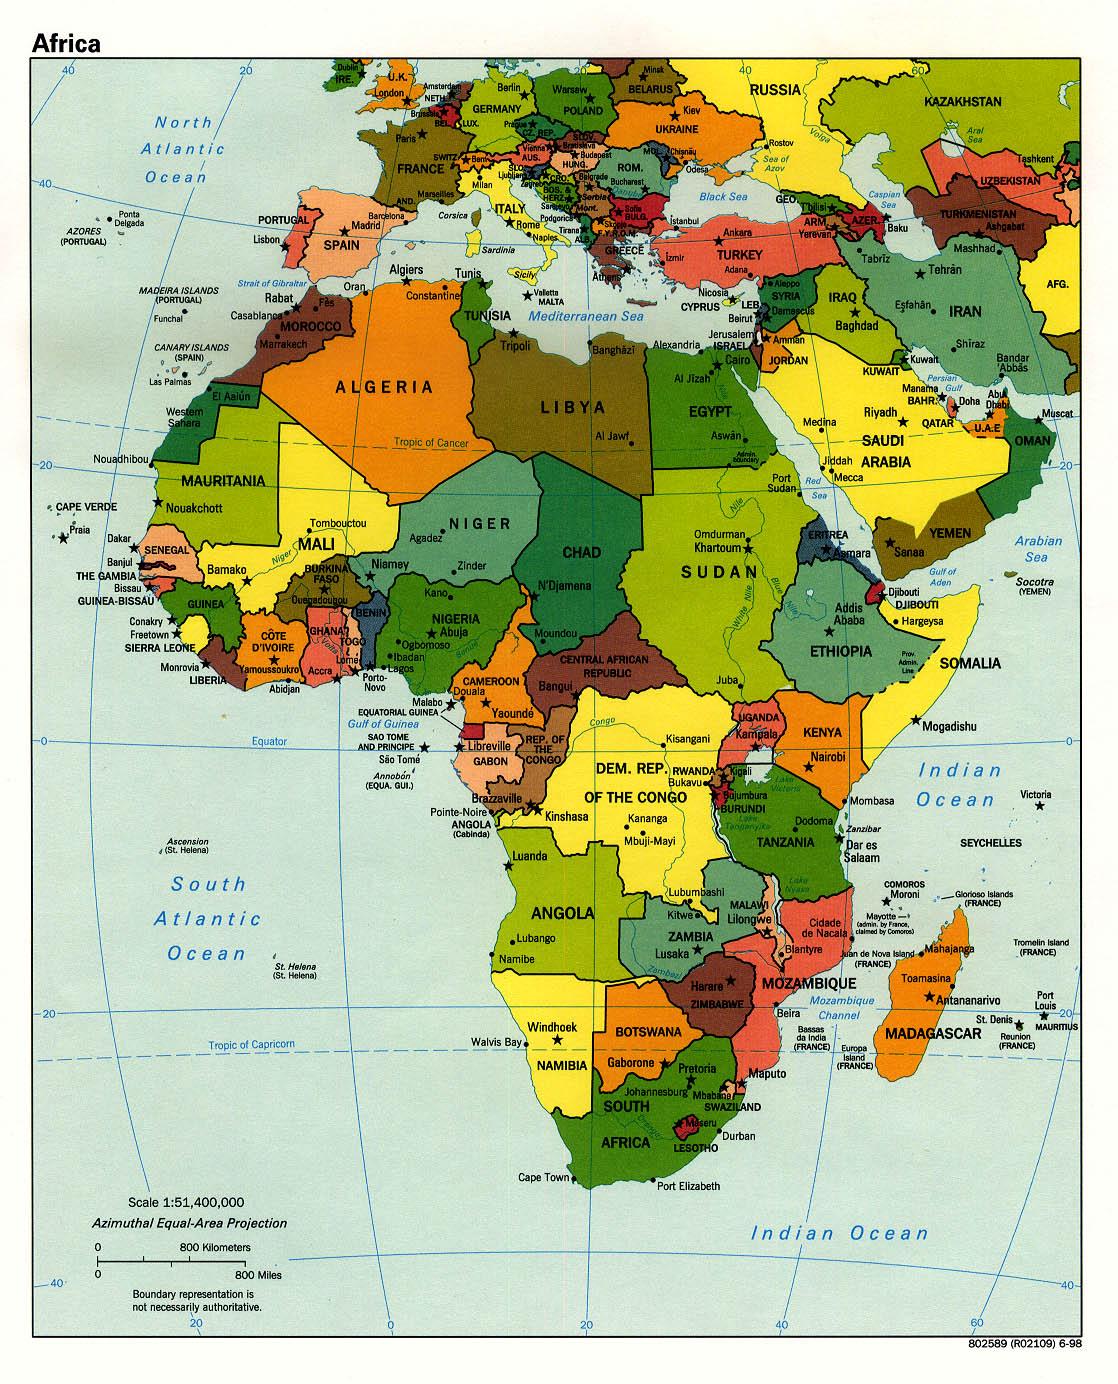 Mapa Politico de África 1998